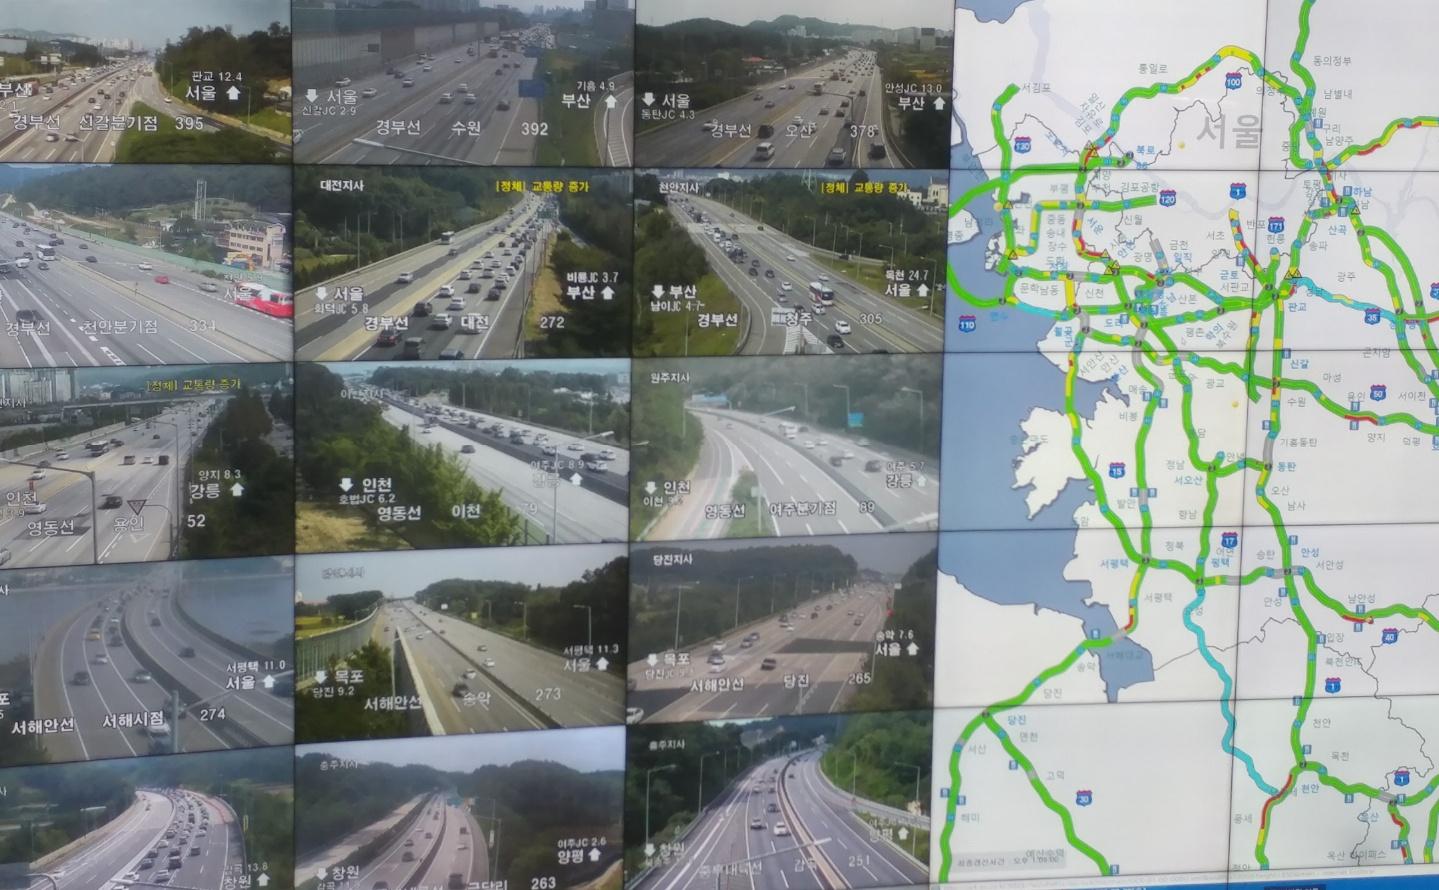 30일 오후 2시 한국도로공사 교통상황판 모습